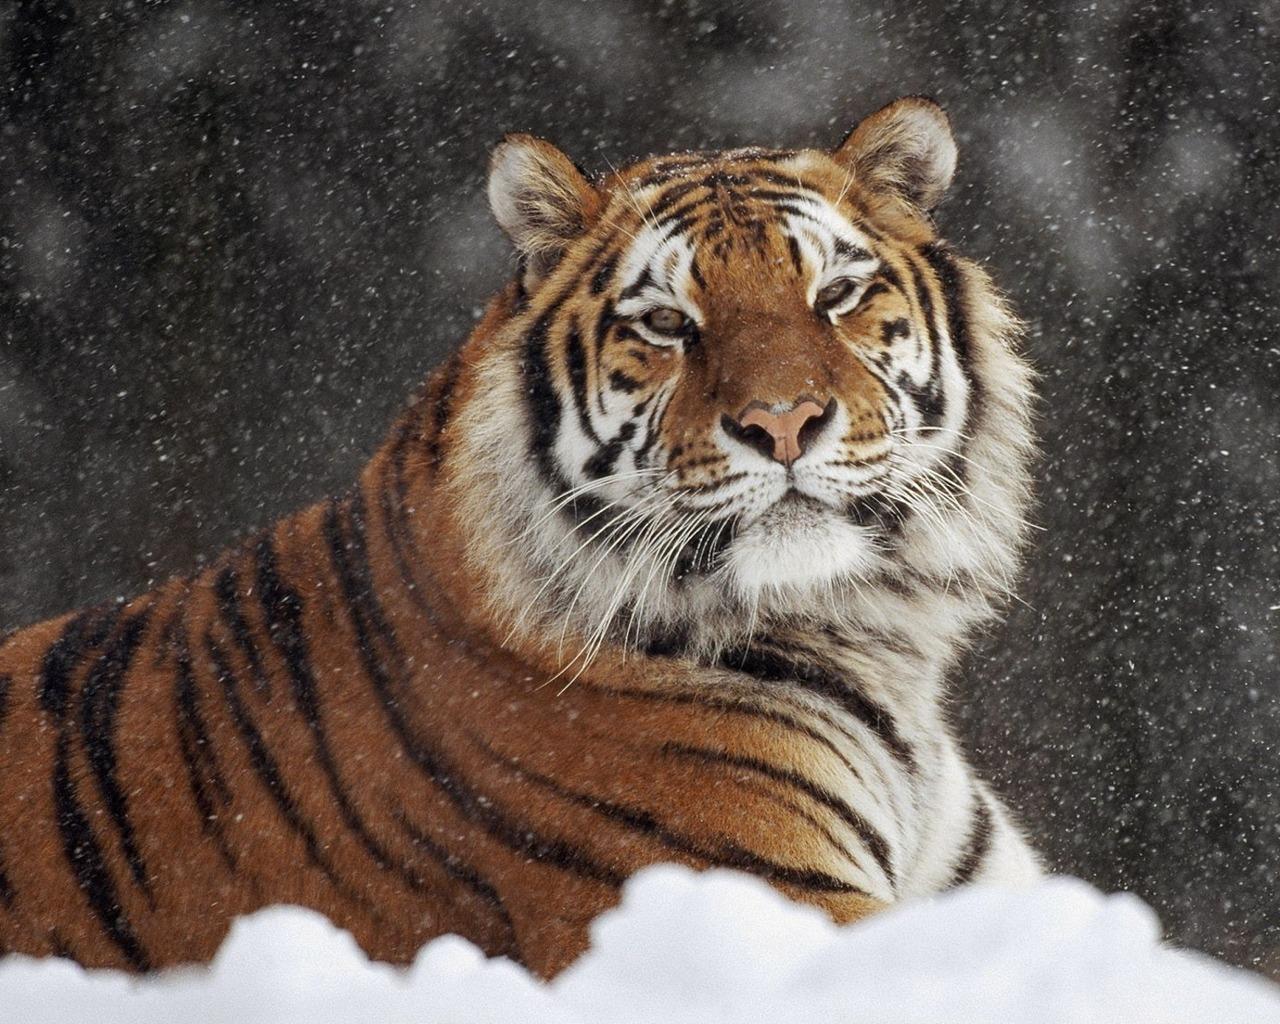 Animal Para Fondo De Pantalla: Imagenes /Fondos De Animales En Hd Para Descargar